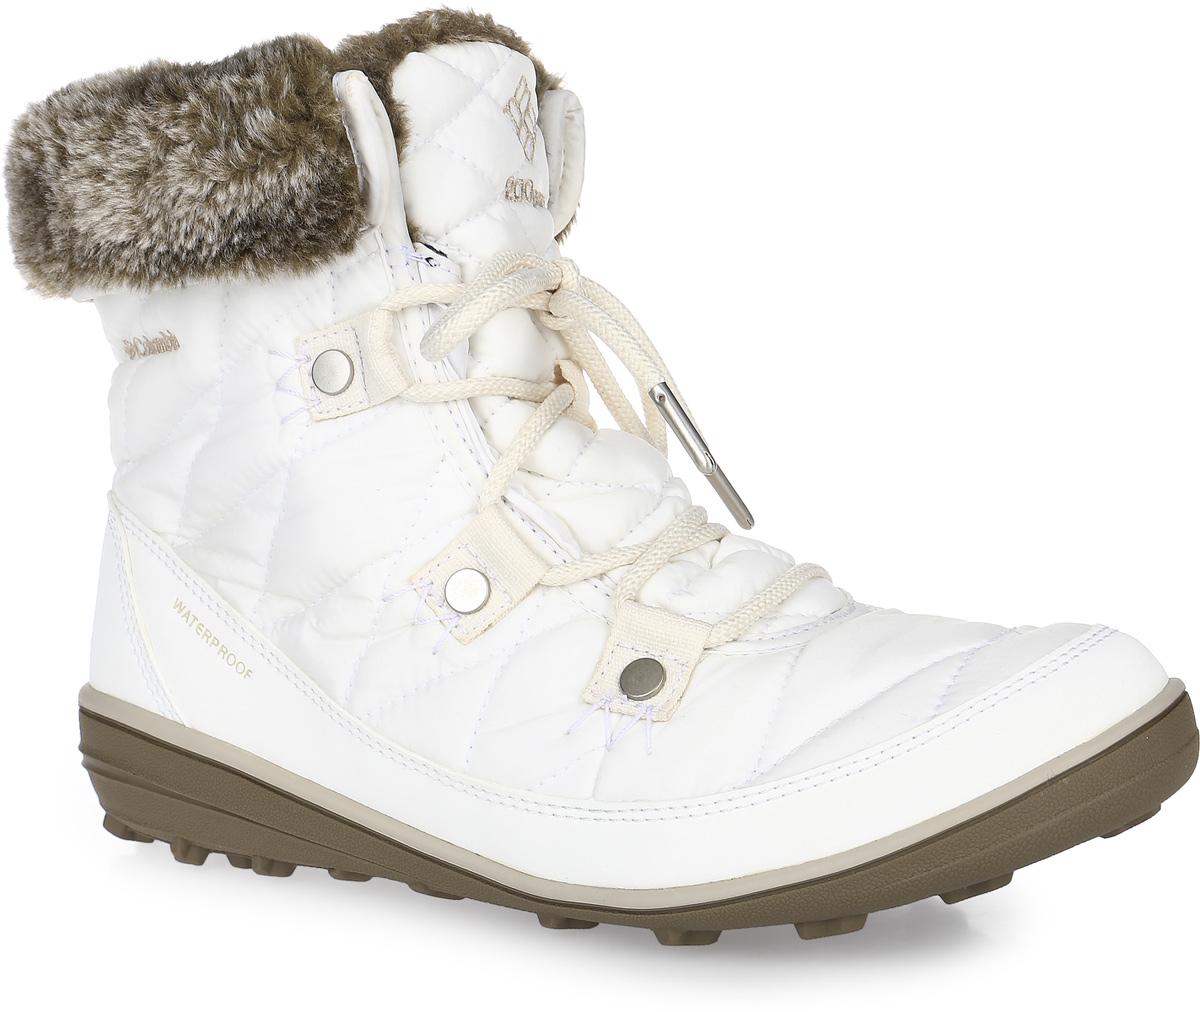 Ботинки женские Columbia Heavenly Shorty Omni-Heat, цвет: белый. 1691541-125. Размер 7 (37,5)1691541-125Женские ботинки Heavenly Shorty Omni-Heat от Columbia выполнены из высококачественного комбинированного материала с технологией Omni-Tech, которая защищает обувь от осадков. Подкладка с технологией Omni-Heat сохранит ваши ноги в тепле. Утеплитель Insulated плотностью 200 гр. не позволит ногам замерзнуть. Подкладка в верхней части голенища выполнена из искусственного меха. Шнуровка надежно фиксирует модель на ноге. Подошва выполнена из гибкого, легкого материала обладающего отличной амортизацией. Подметка с технологией Omni-Grip со специальным рисунком протектора обеспечит надежное сцепление на любых зимних поверхностях. Верх ботинок декорирован вышитым логотипом бренда и отделкой из искусственного меха.